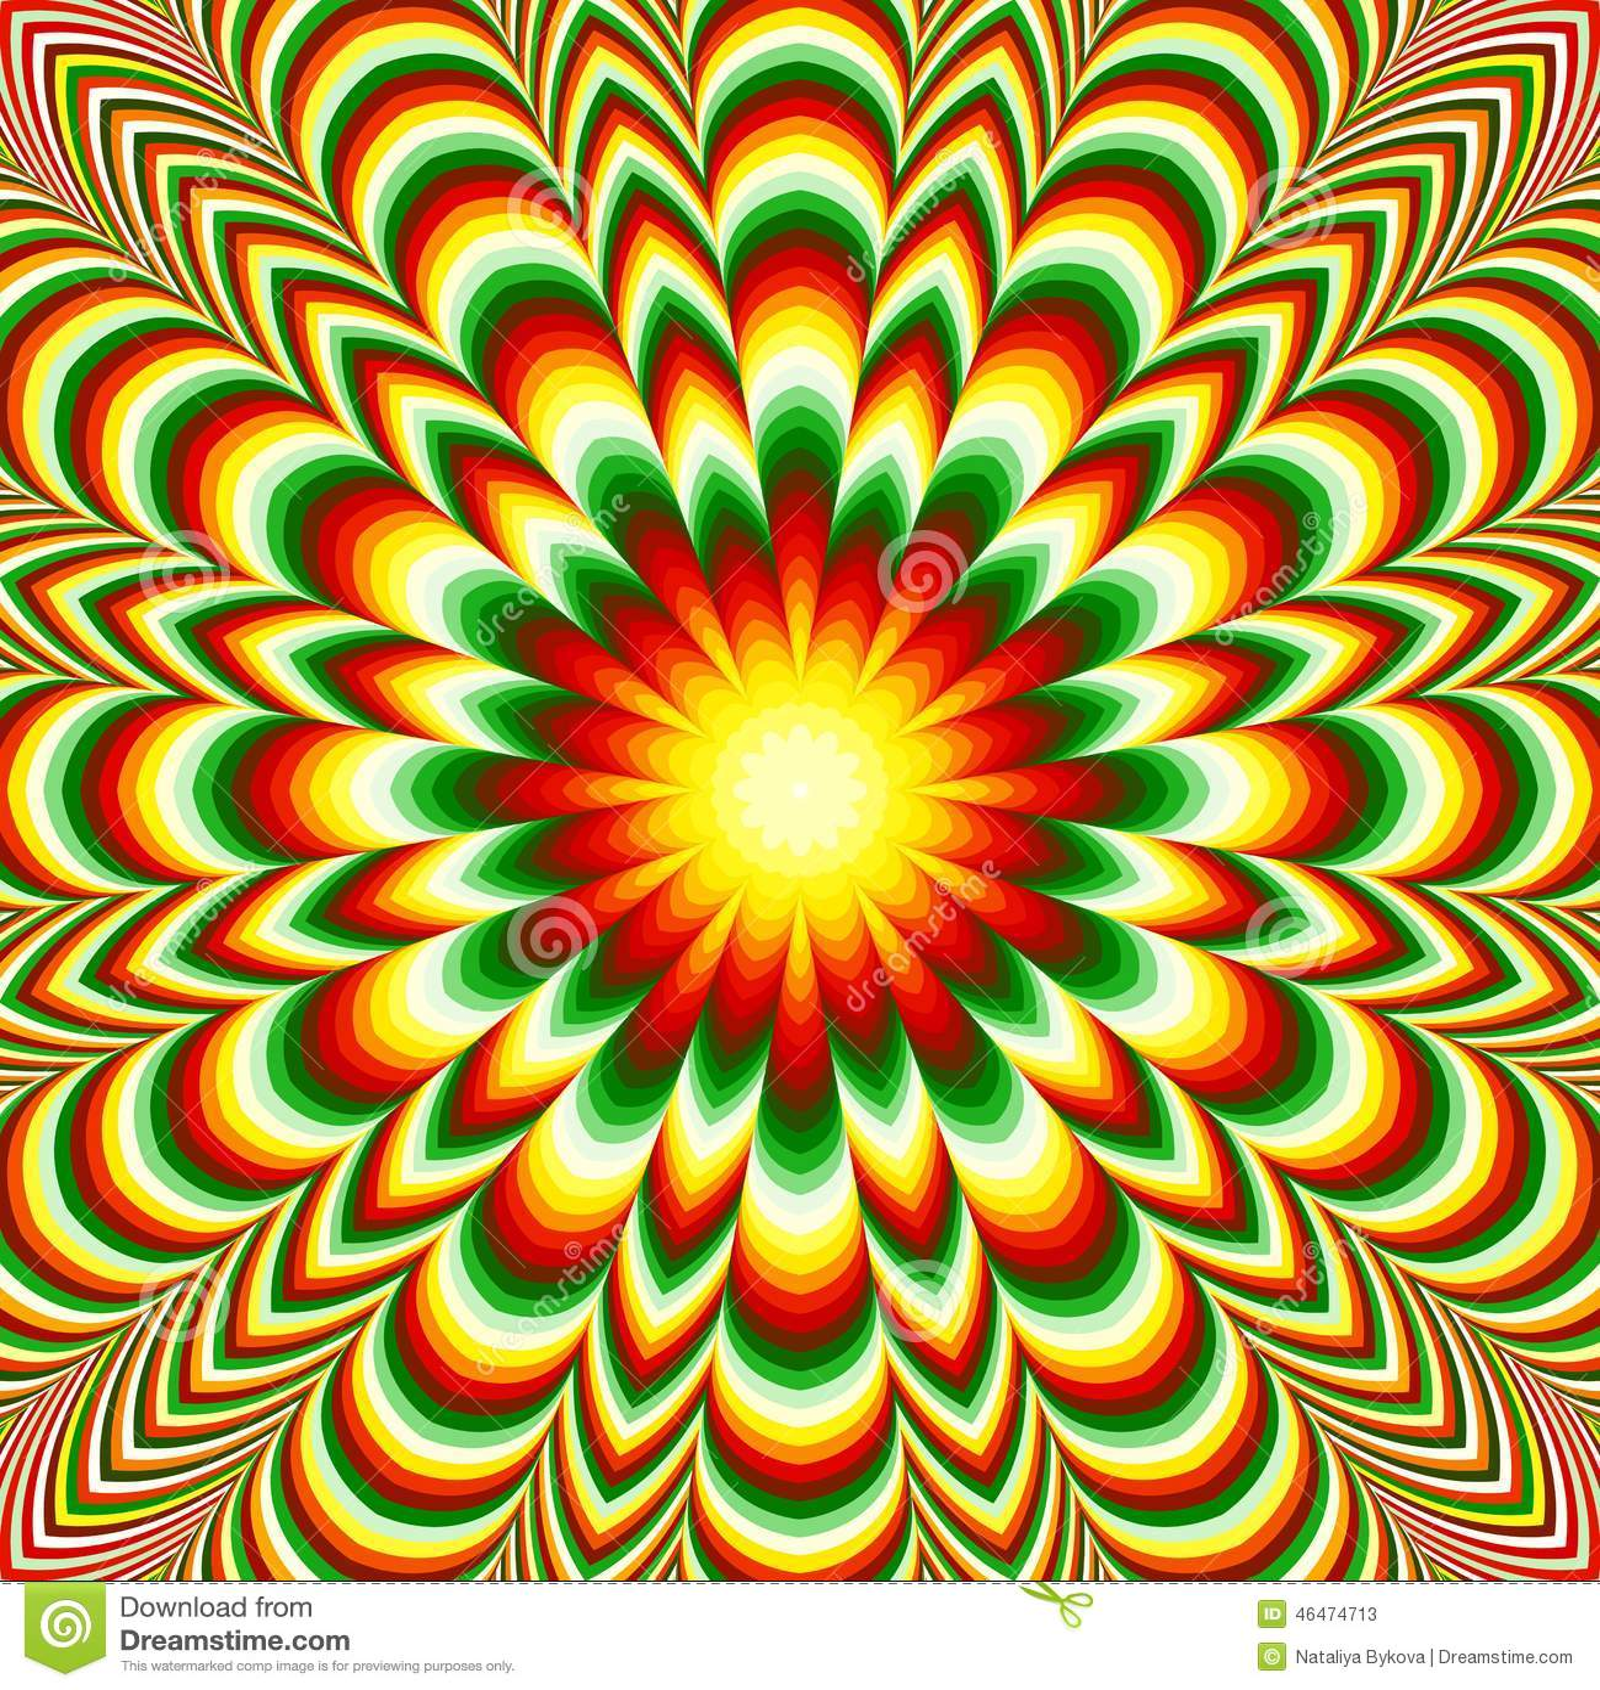 Mandala viva de la flor con efecto de la ilusión óptica